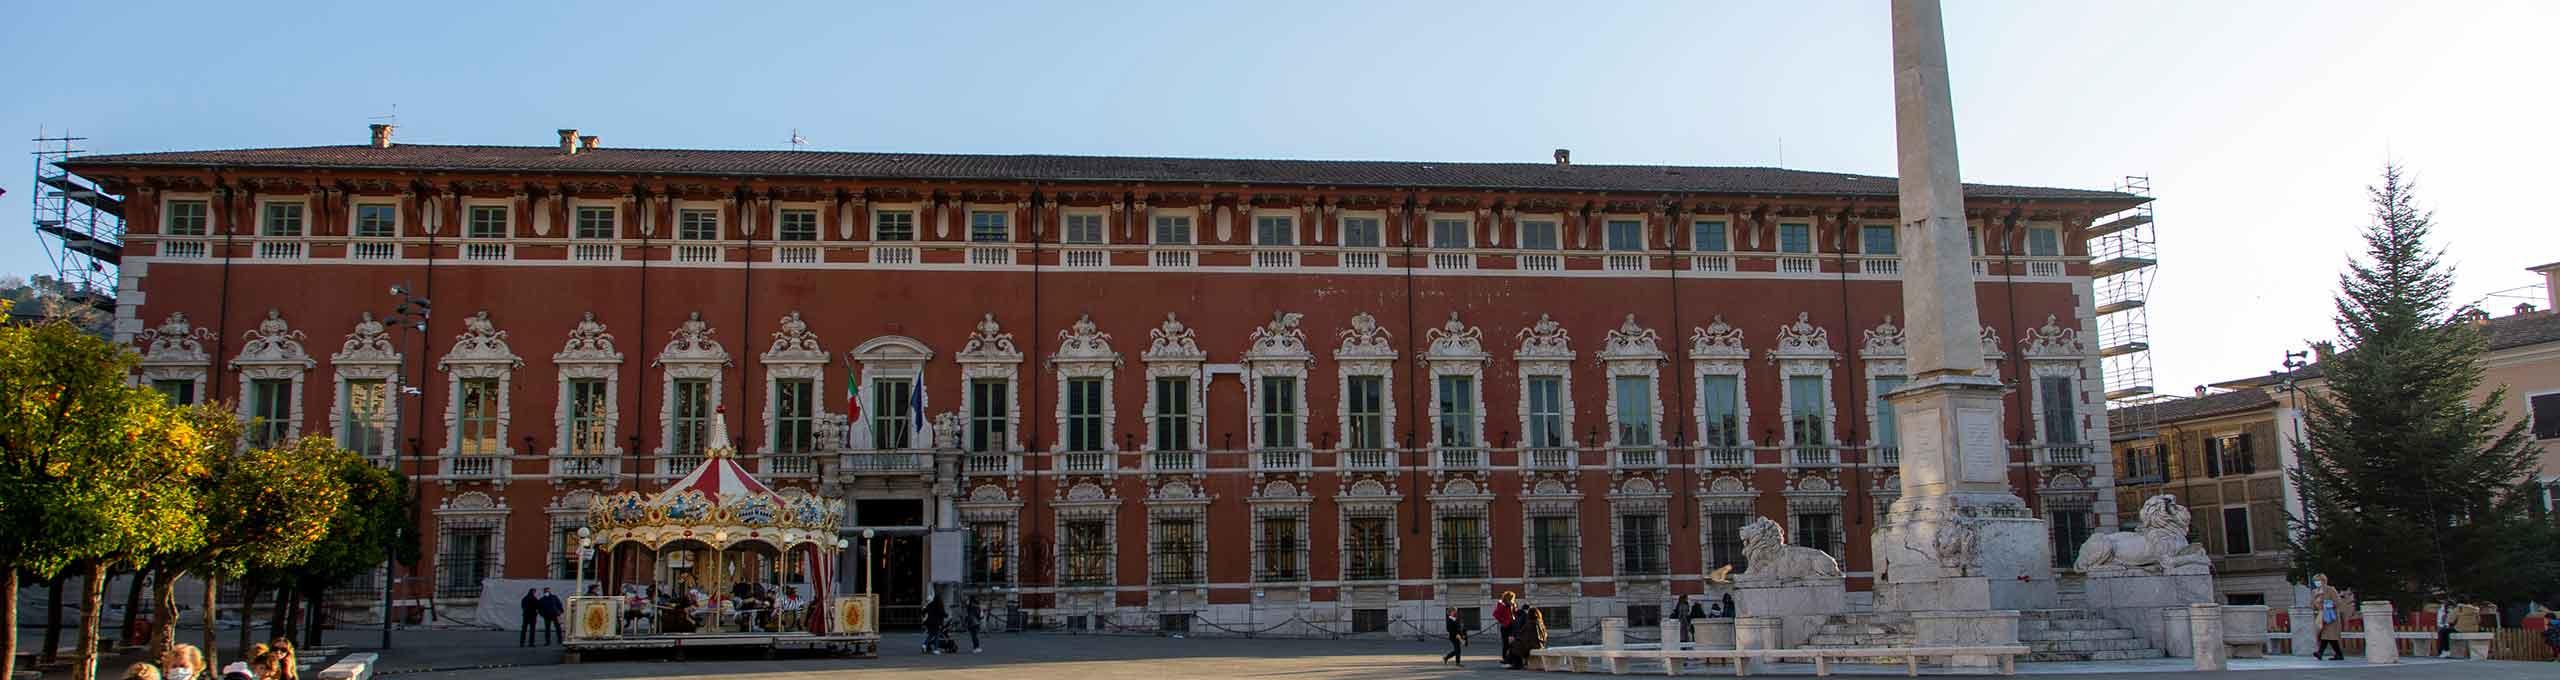 Palazzo Ducale, Piazza degli aranci